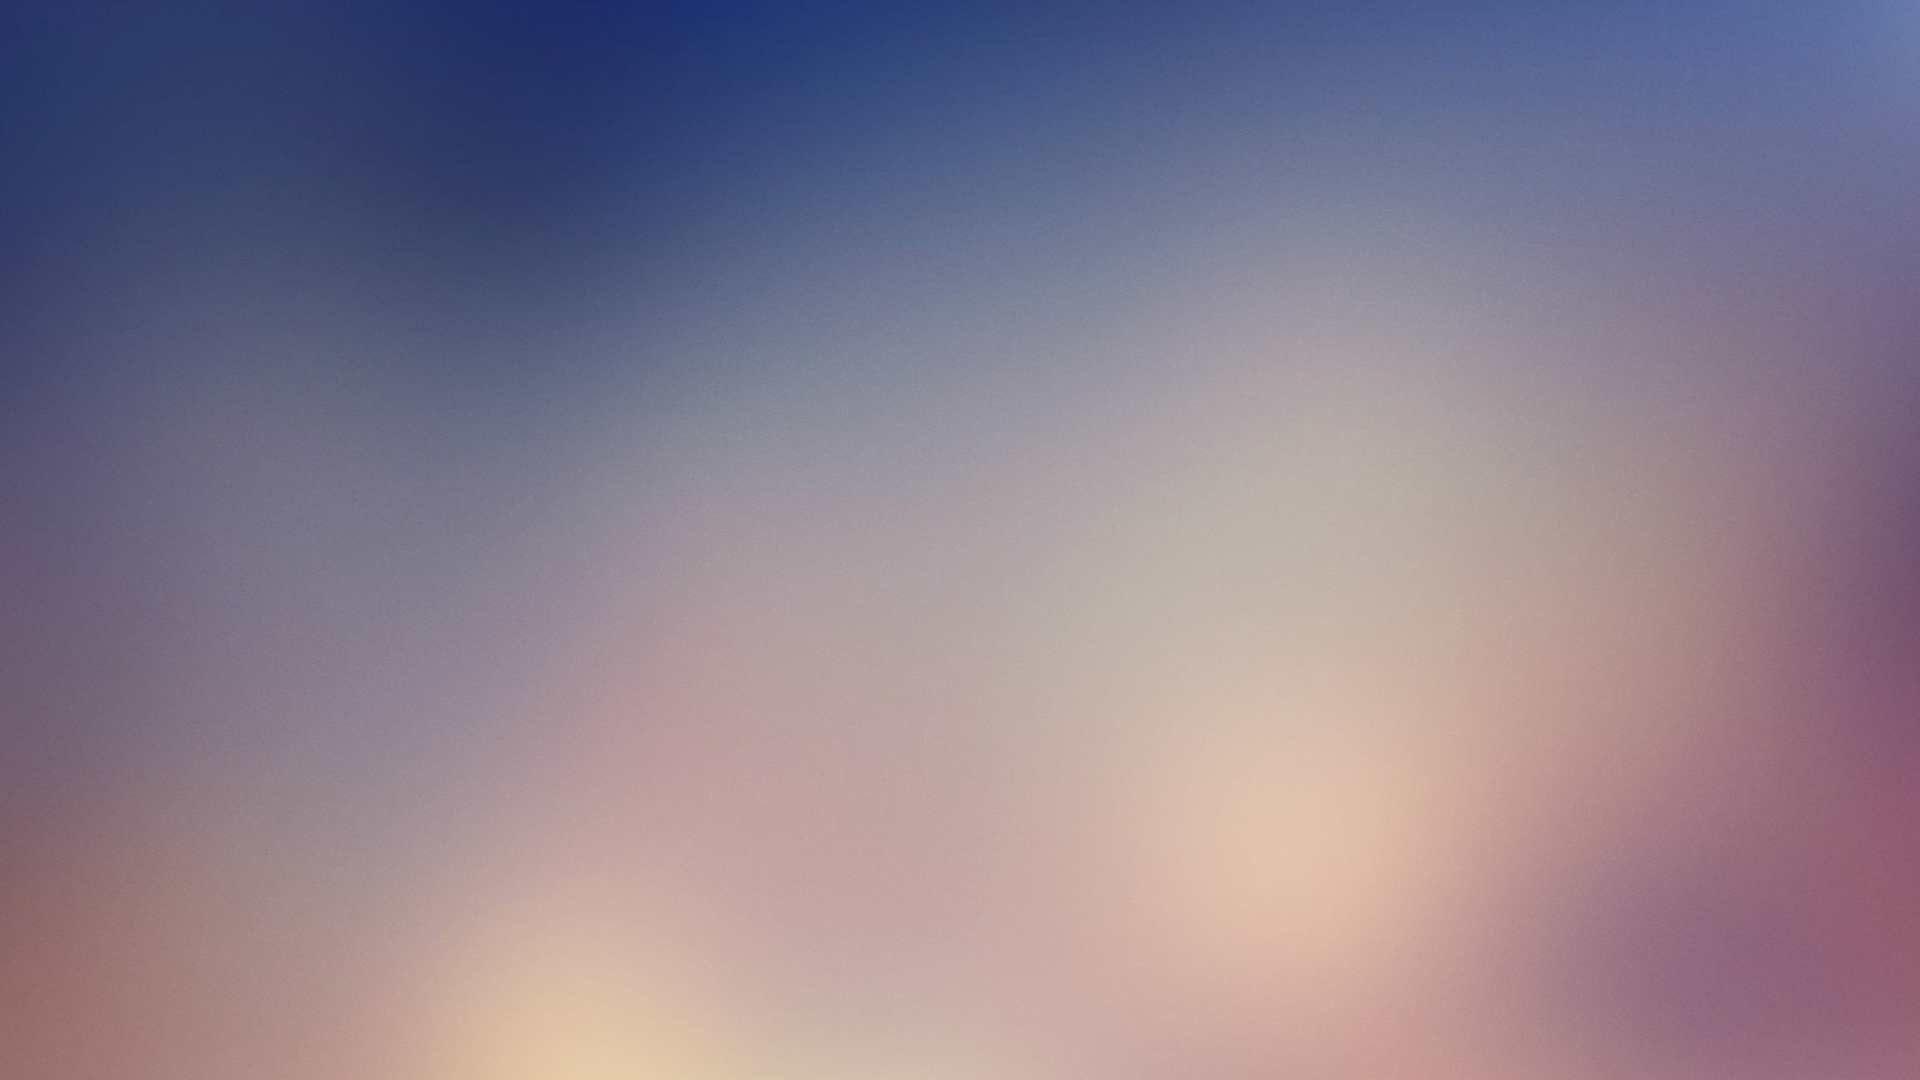 Simple desktop wallpaper [1920x1080] Need trendy iPhone7